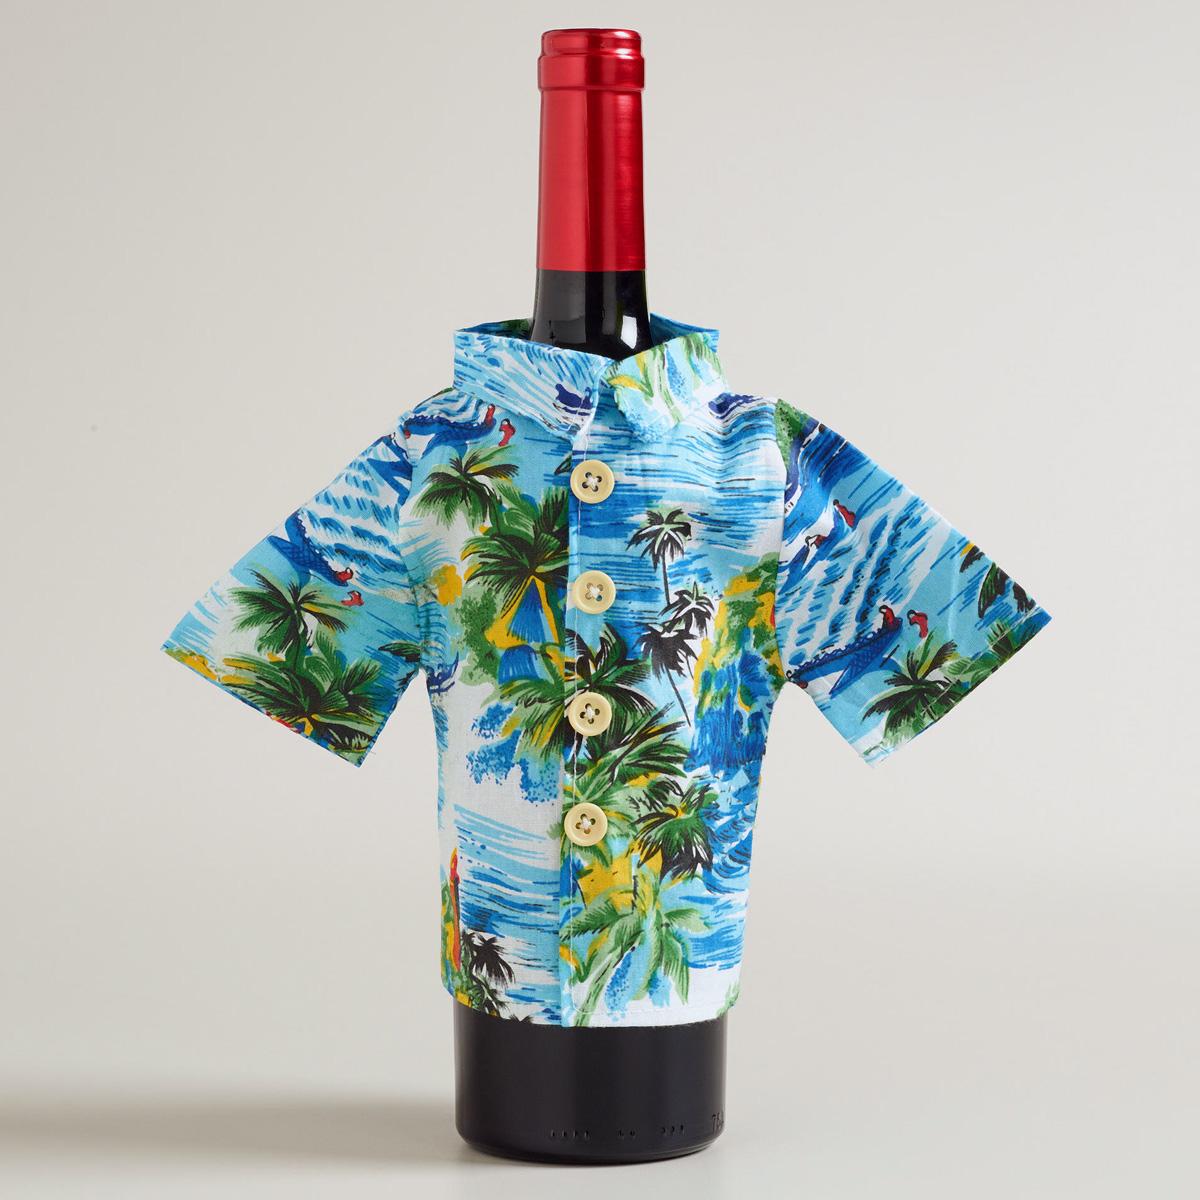 Wine Bottle Hawaiian Shirt The Green Head